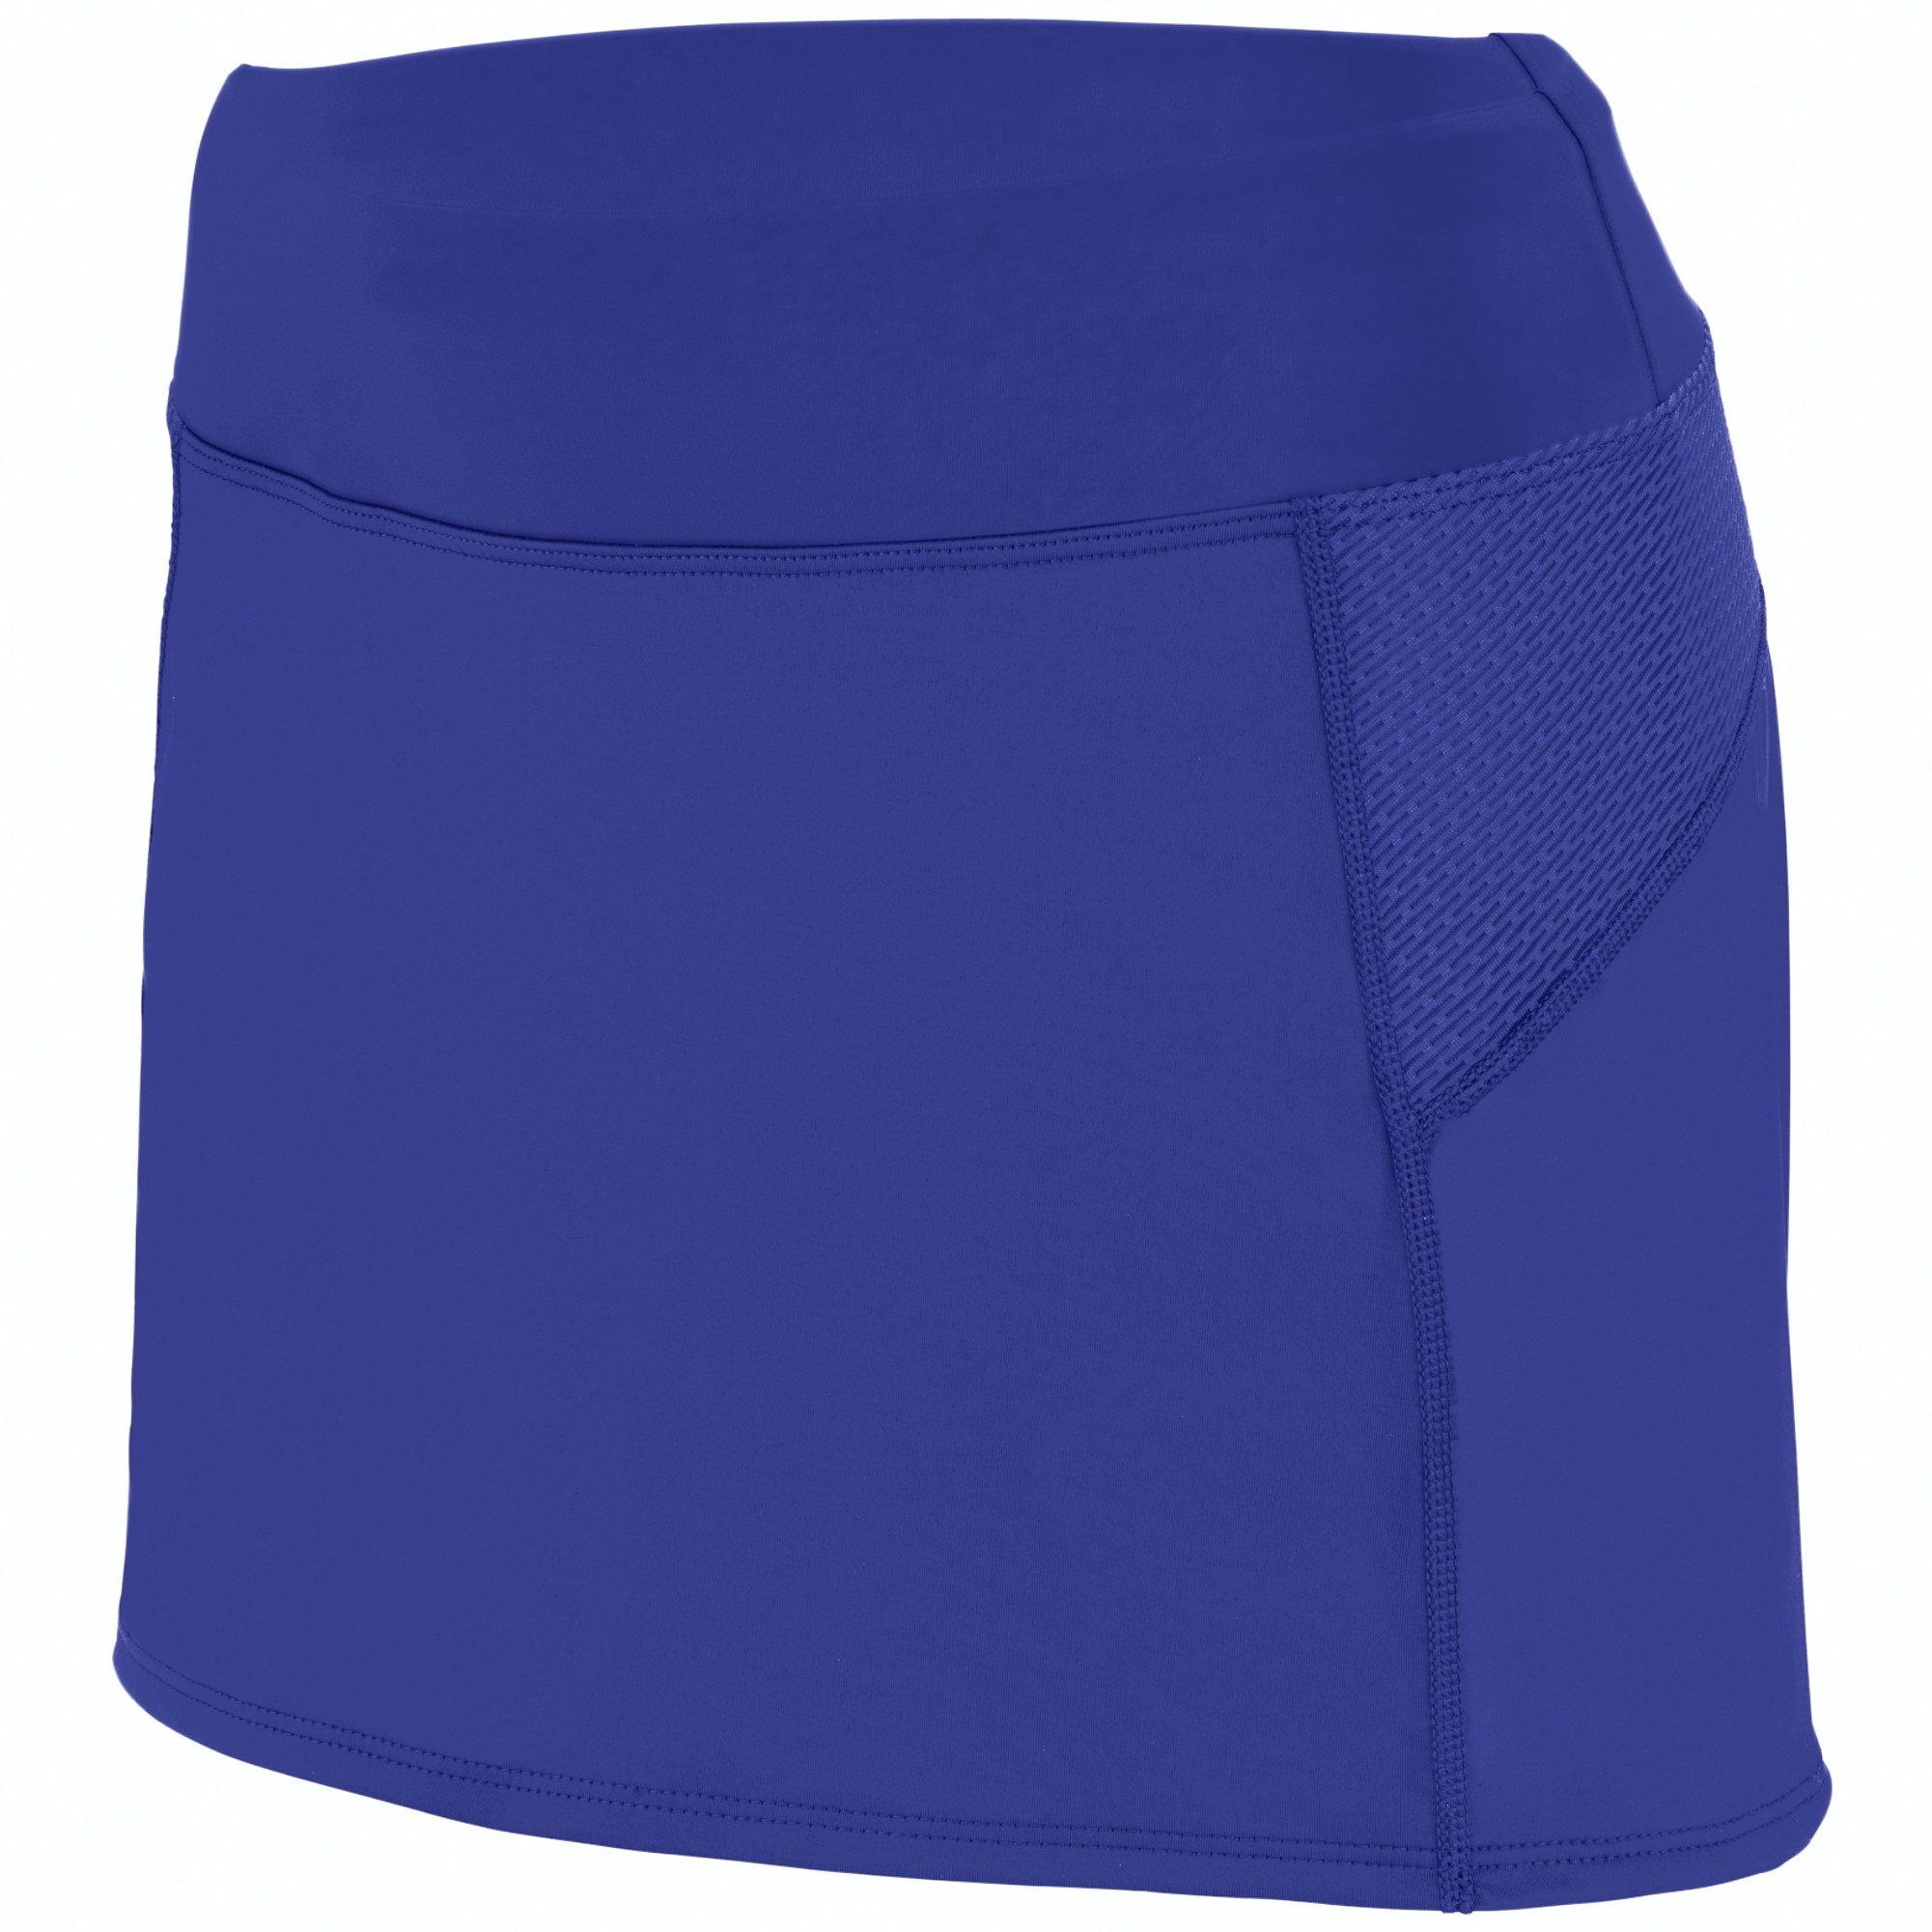 Augusta Sportswear Girls Femfit Skort S Purple/Graphite by Augusta Sportswear